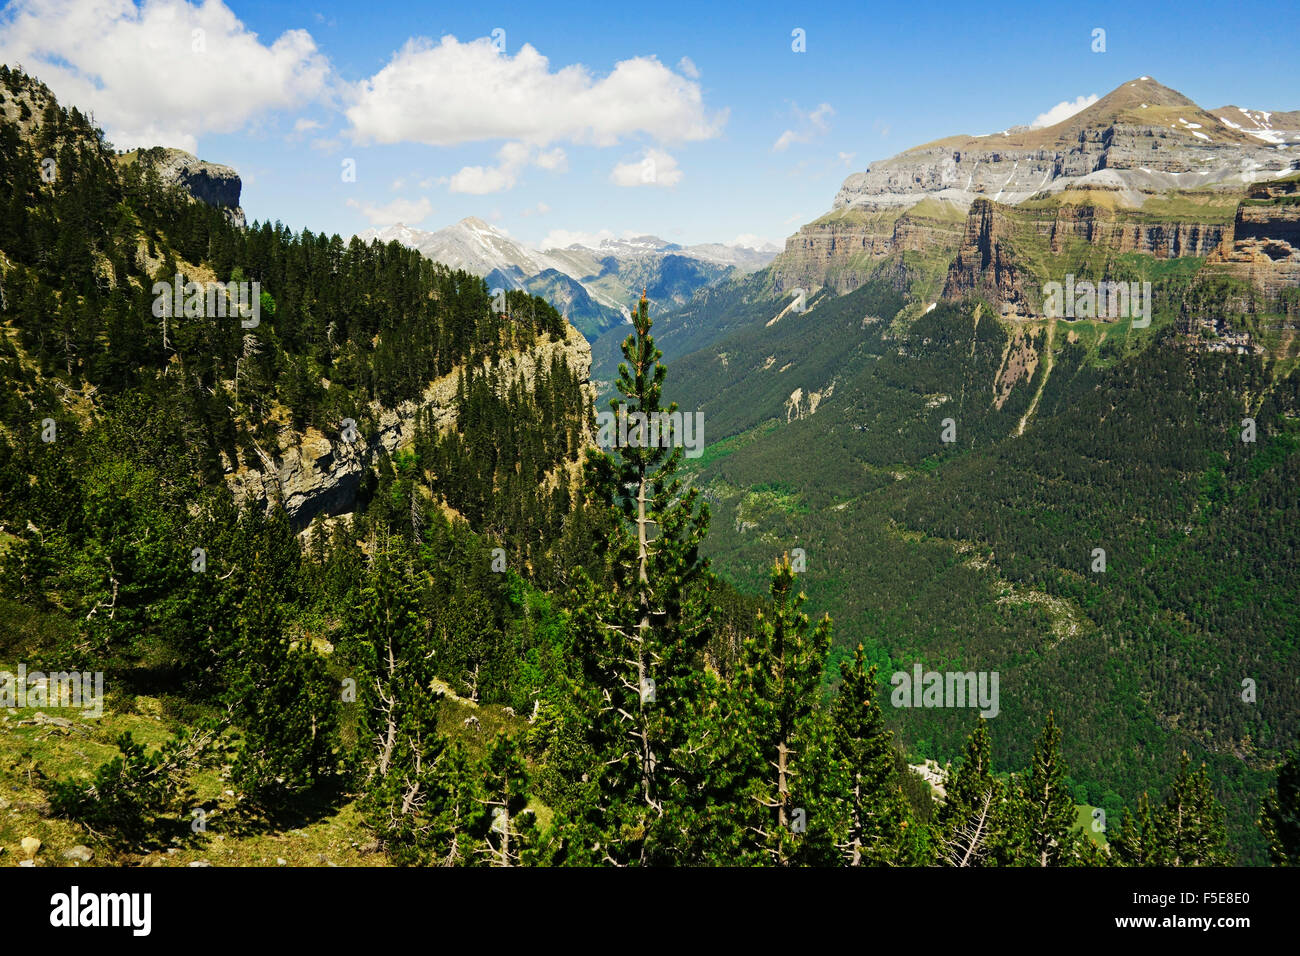 Valle de Ordesa, Parque Nacional de Ordesa, zentralen Pyrenäen, Aragon, Spanien, Europa Stockbild